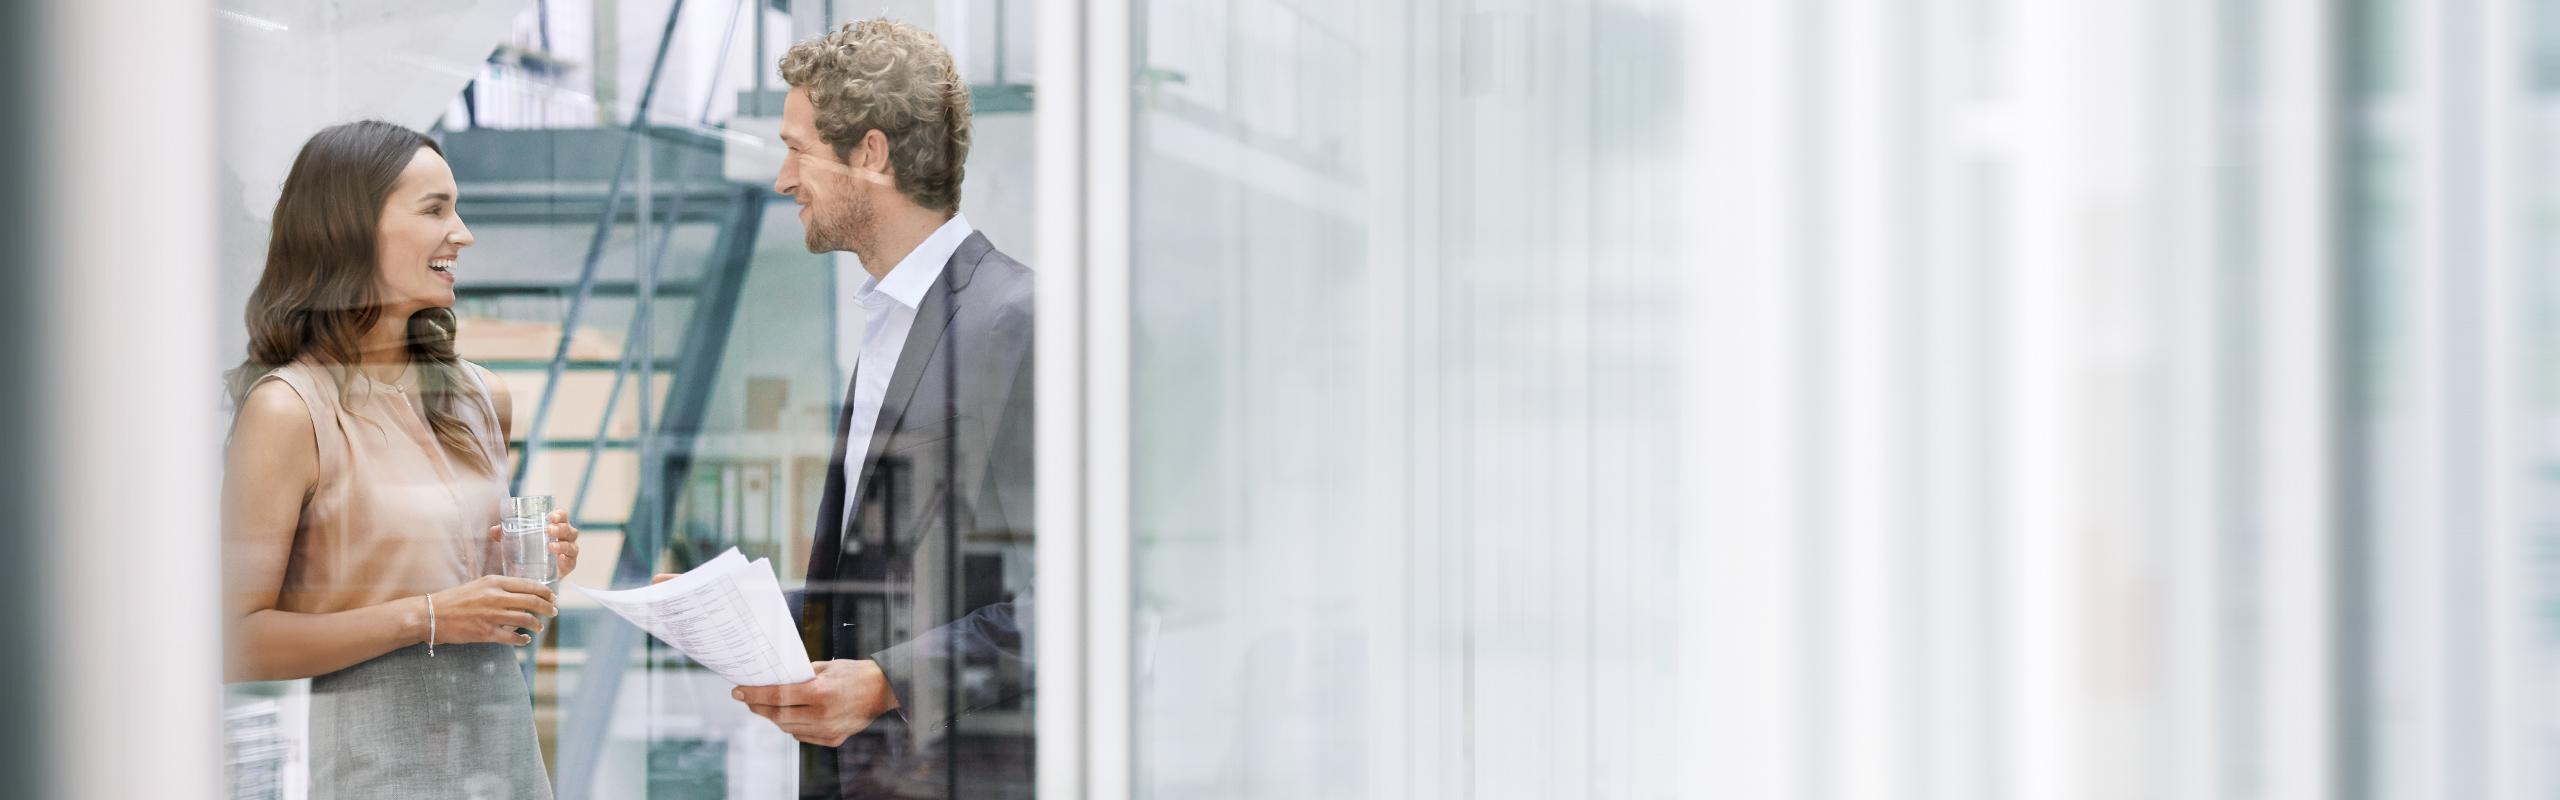 BRITA 採用情報 男性 女性 話し合い オフィス